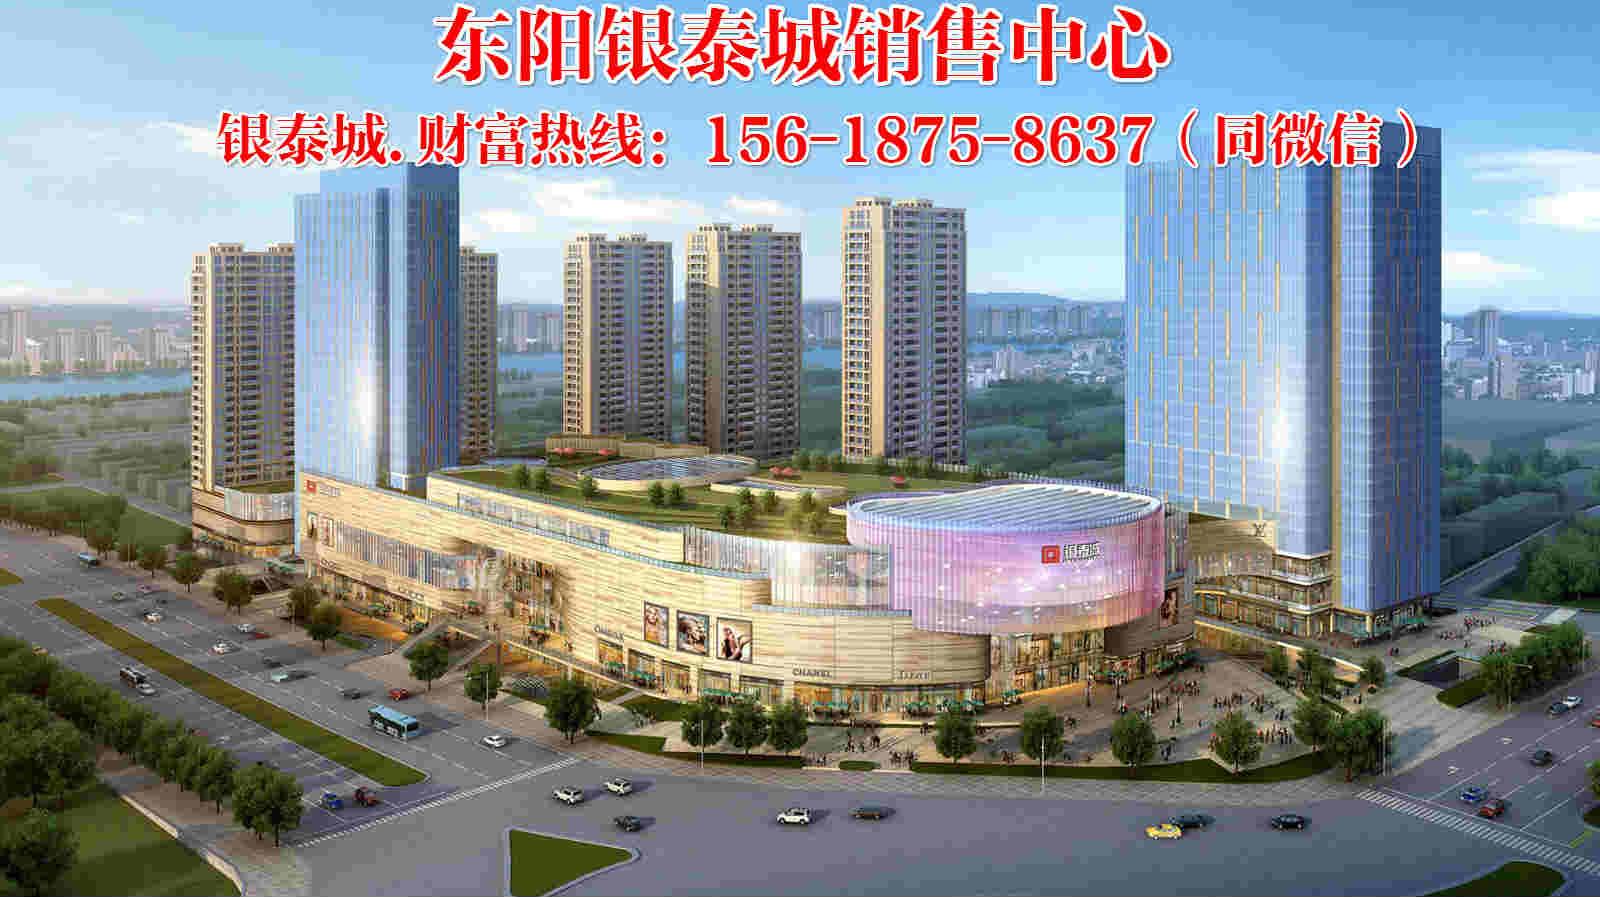 东阳银泰城地段繁华吗?有没有增长空间?